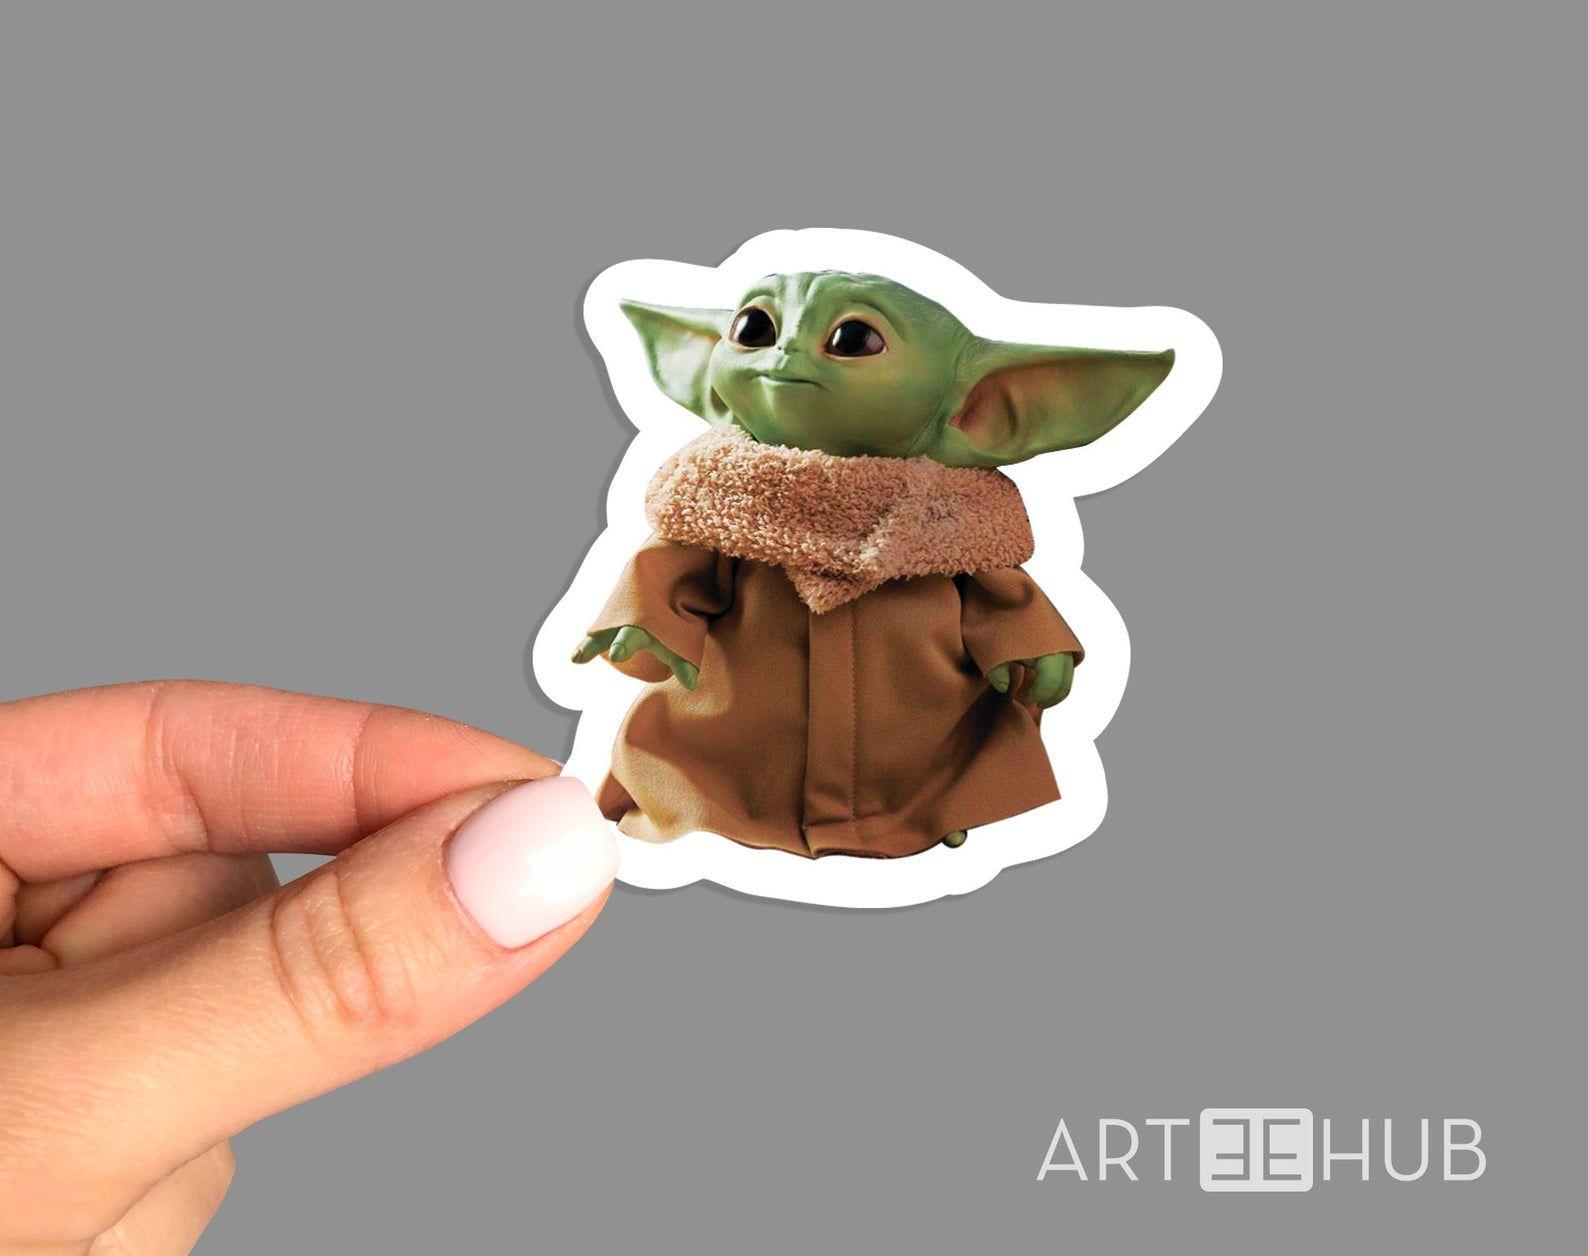 Baby Yoda Sticker Baby Yoda Decal Star Wars Sticker Yoda Etsy In 2021 Yoda Sticker Cool Laptop Stickers Star Wars Stickers